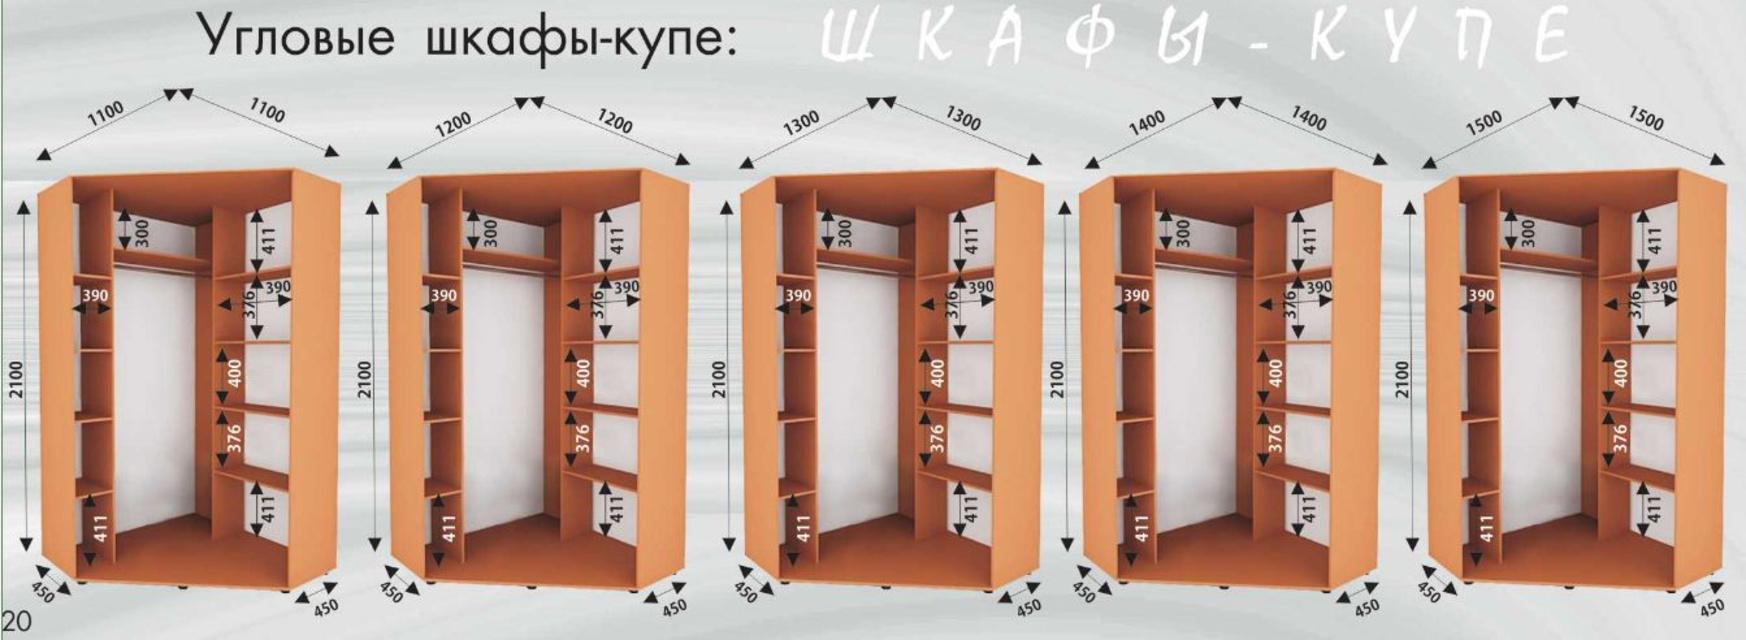 Шкафы-купе в интернет-магазине 121.